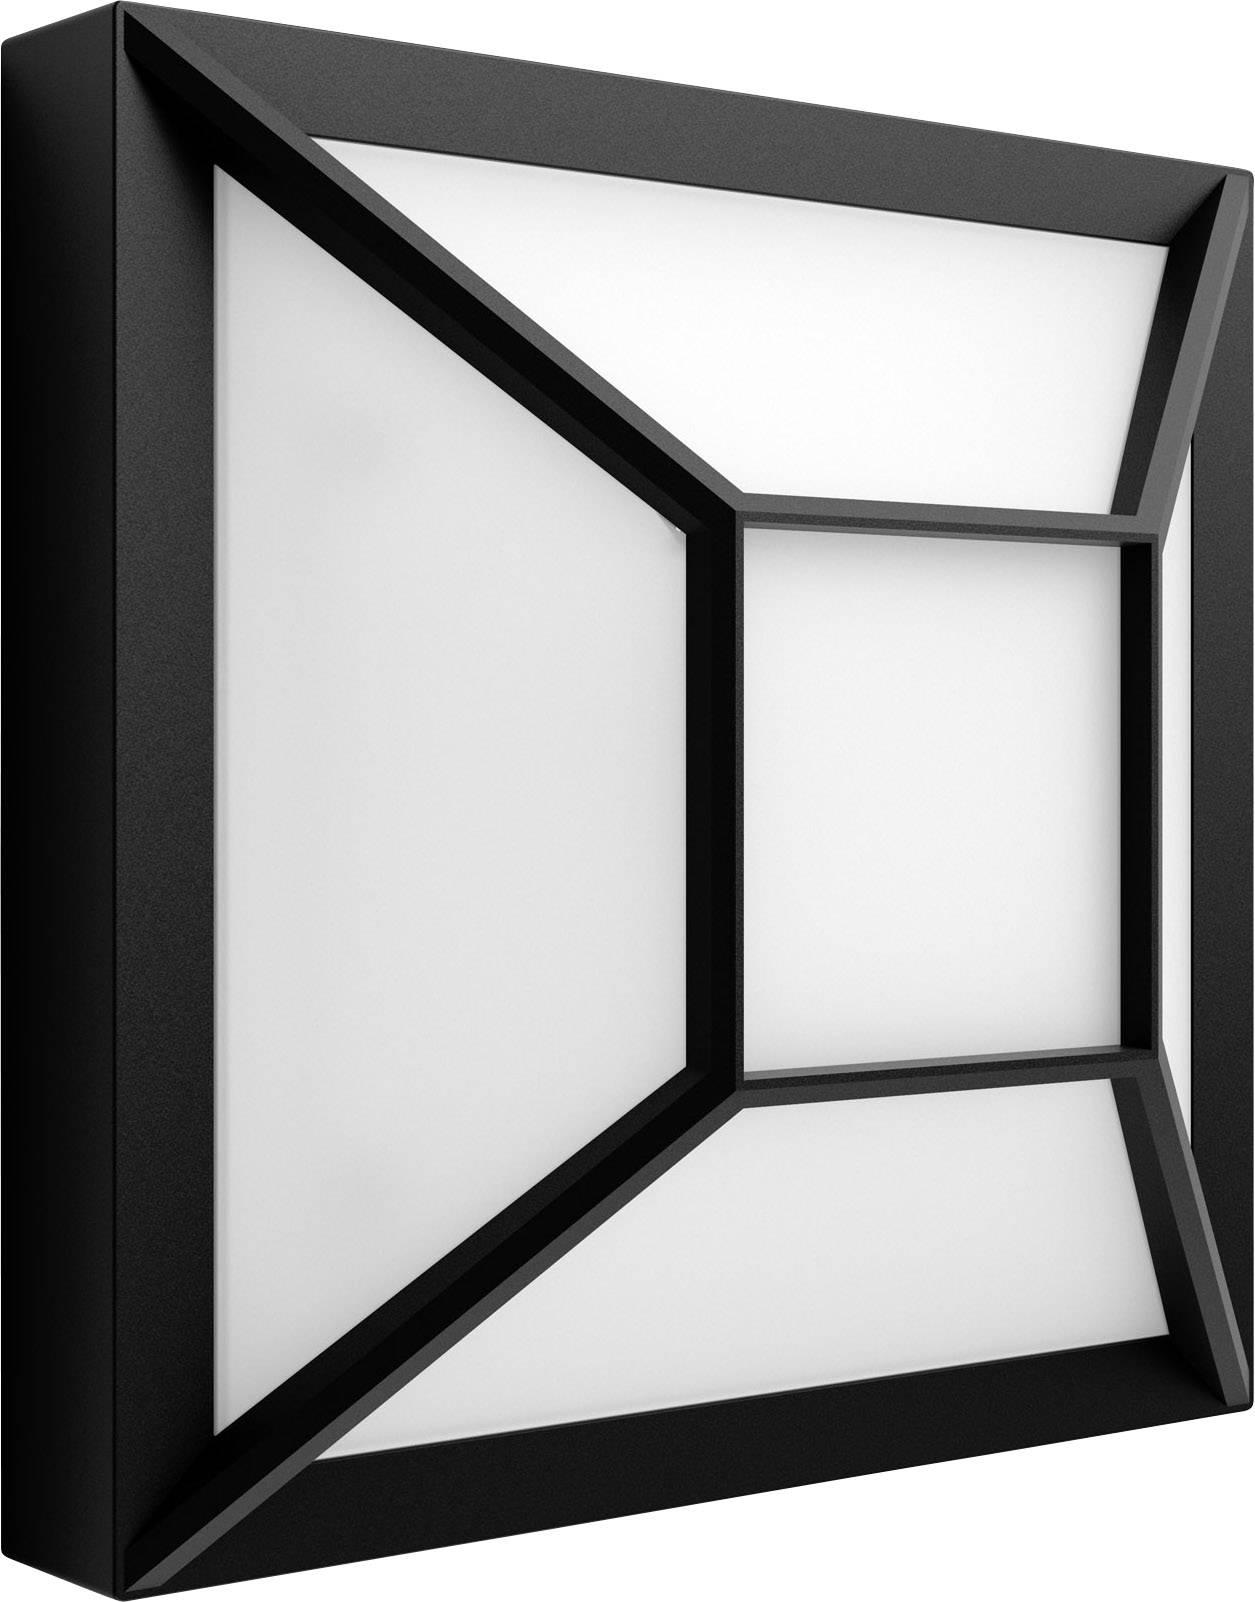 Murale Eec12 Extérieure Philips 1739330p0 Noir Blanc Drosera Chaud Led Applique W wPvNnO8my0